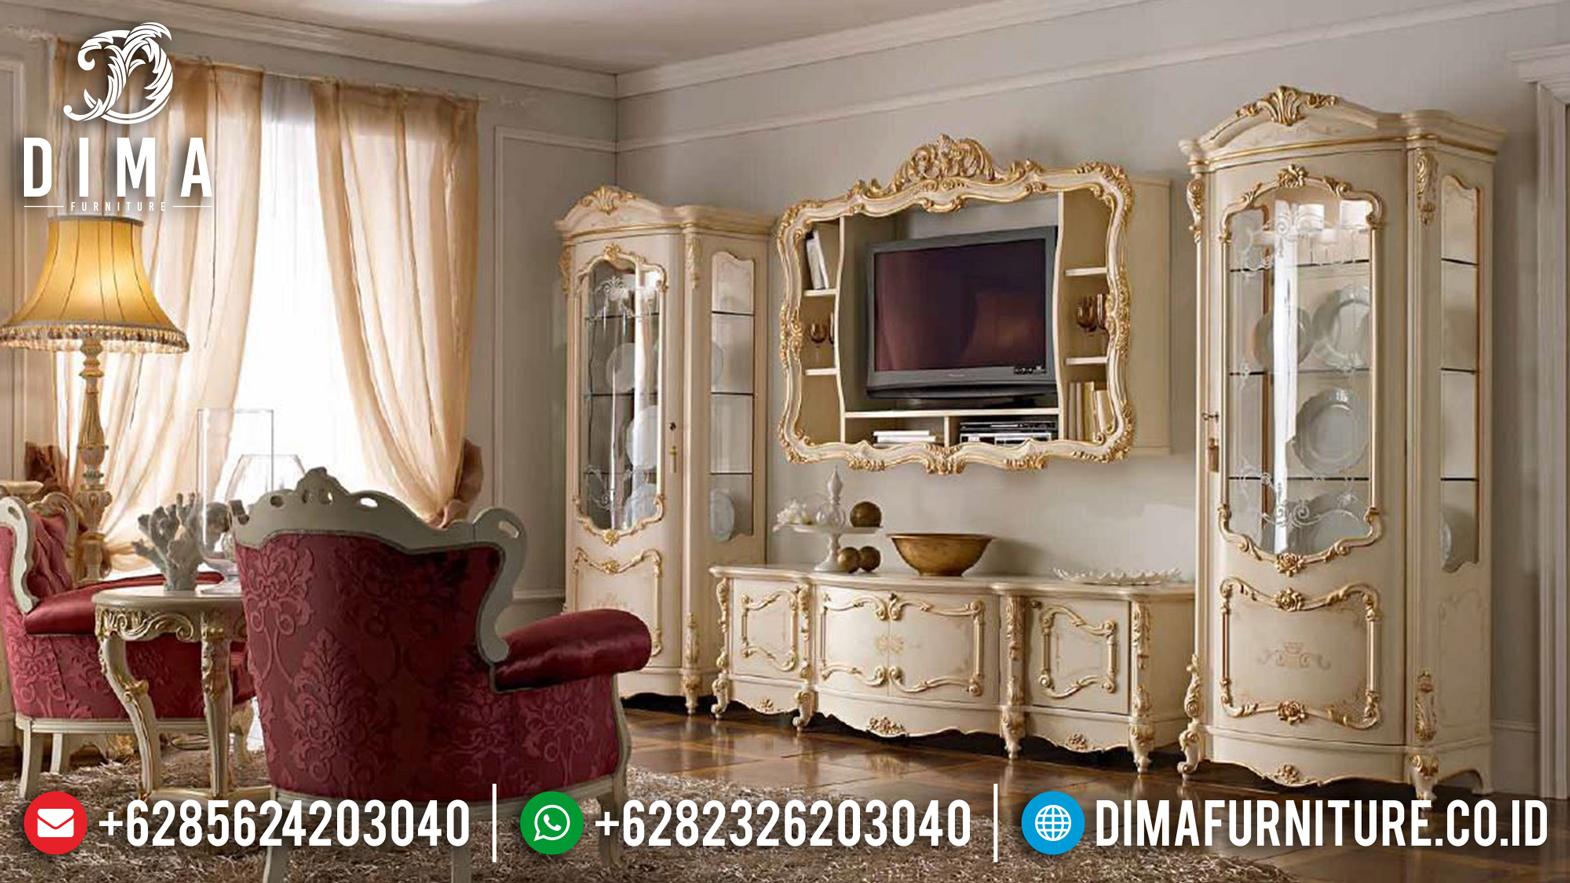 Mebel Jepara Terbaru Set Bufet TV Mewah Klasik Gostinaya Royal DF-0773